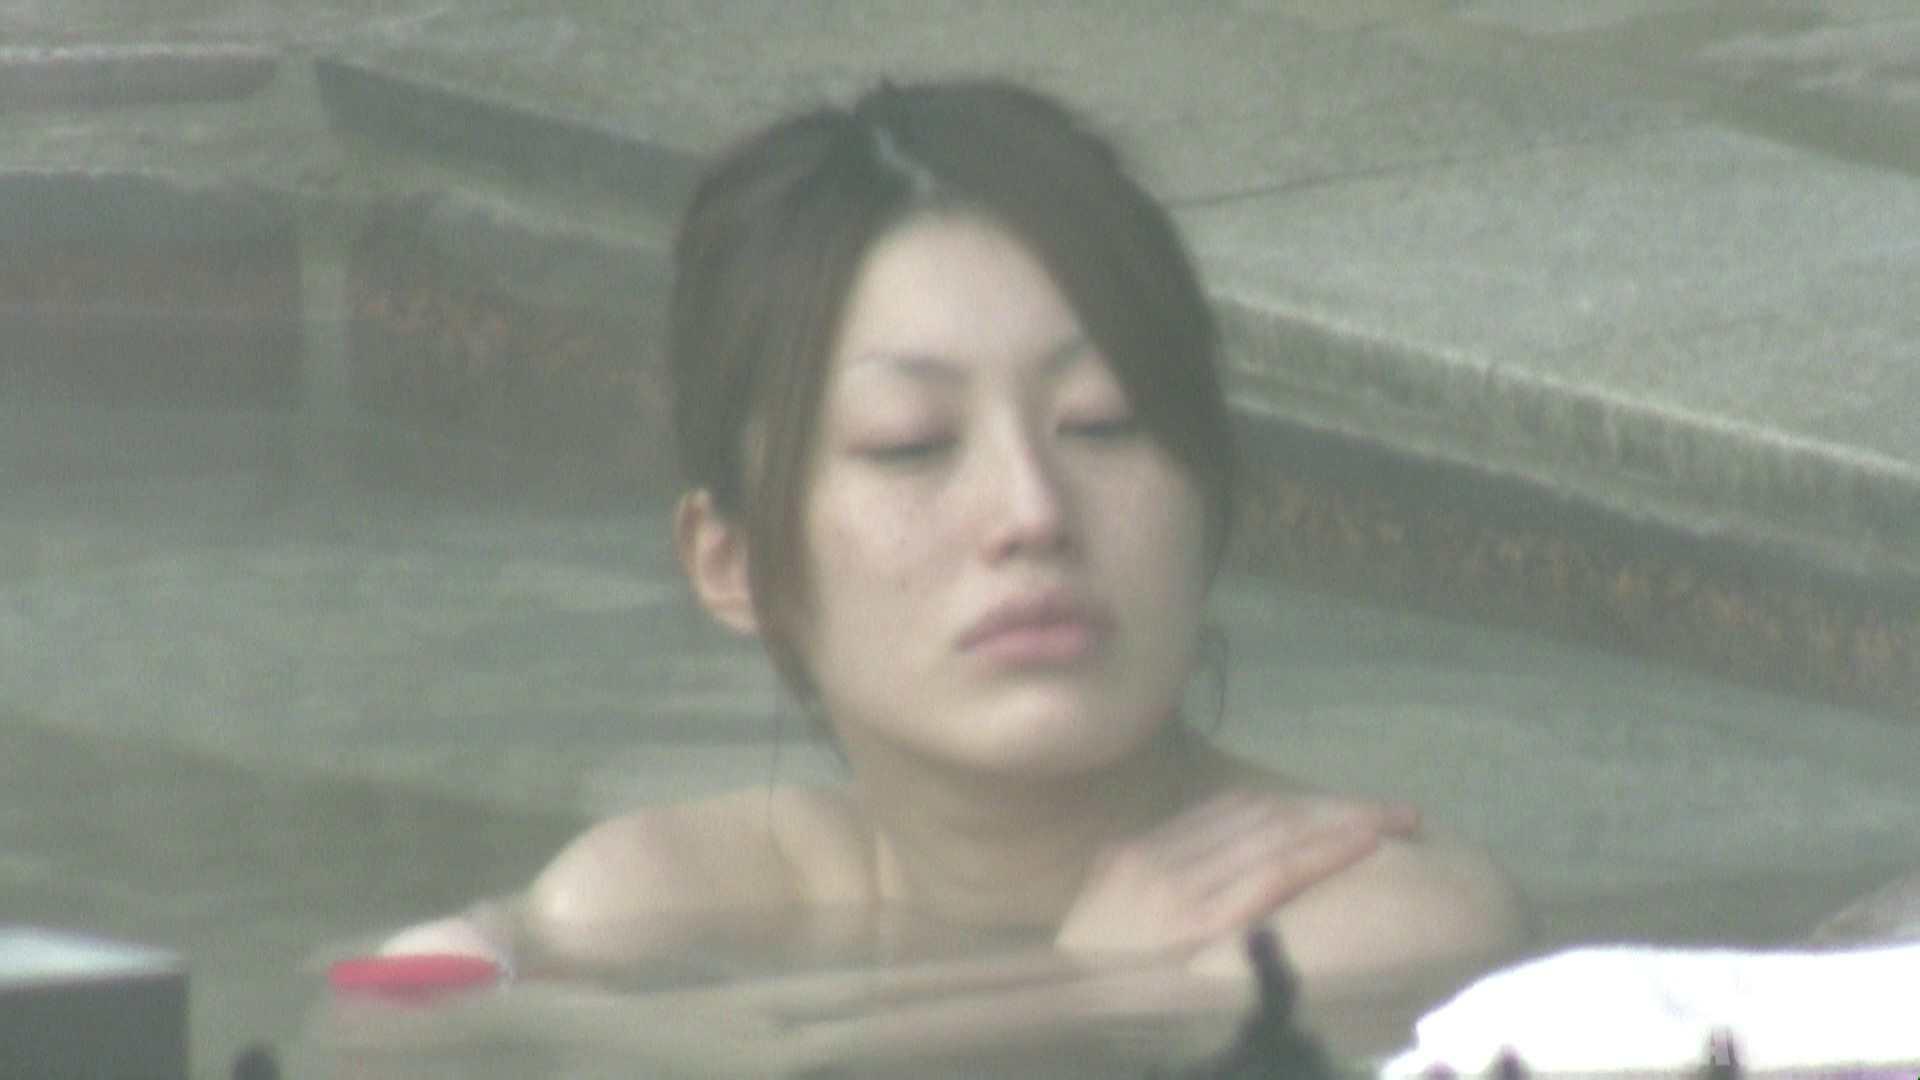 Aquaな露天風呂Vol.775 美しいOLの裸体  98pic 39